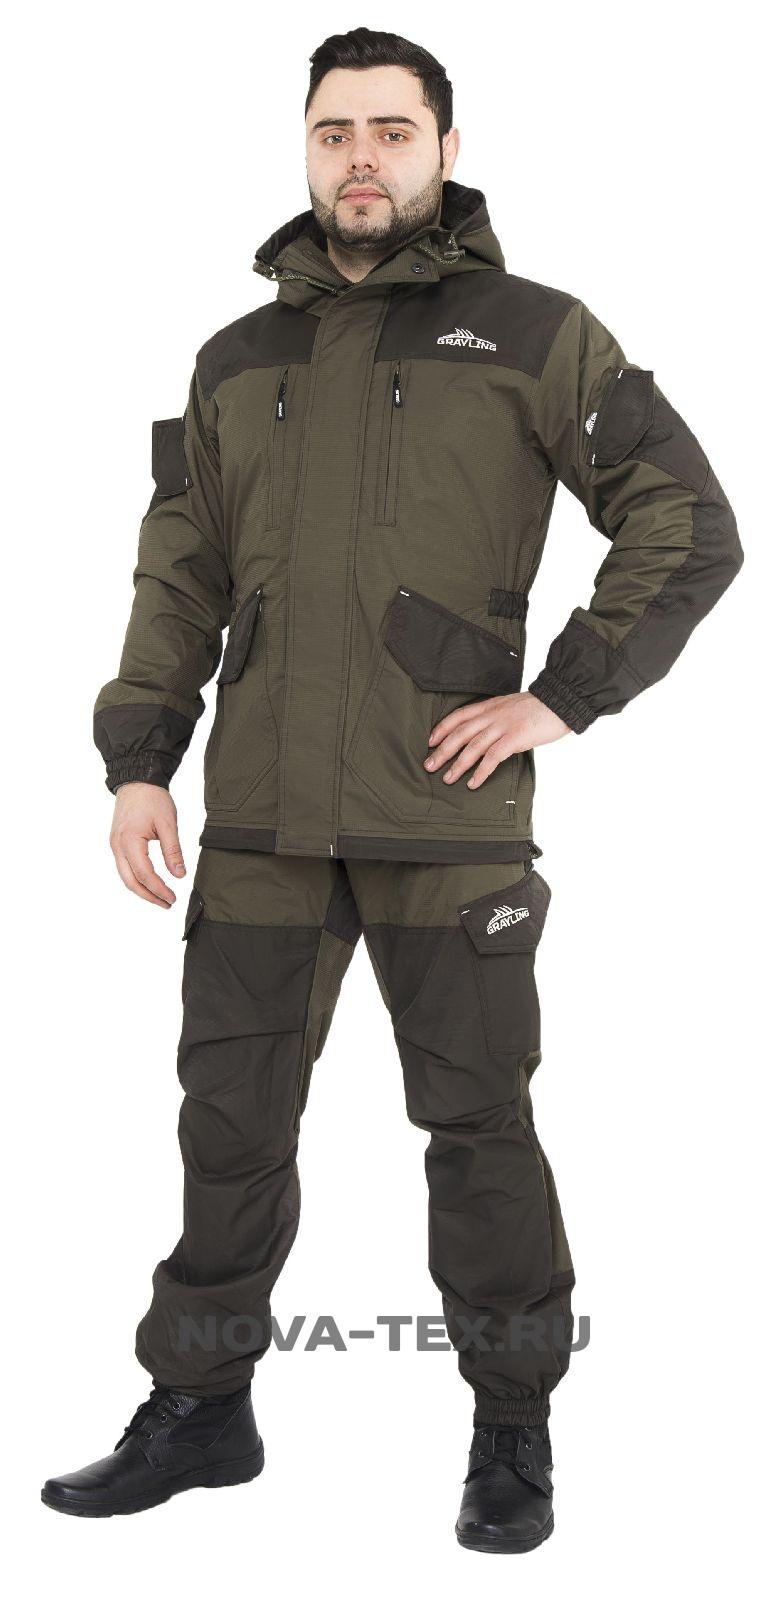 костюмы для охоты рыбалки и активного отдыха